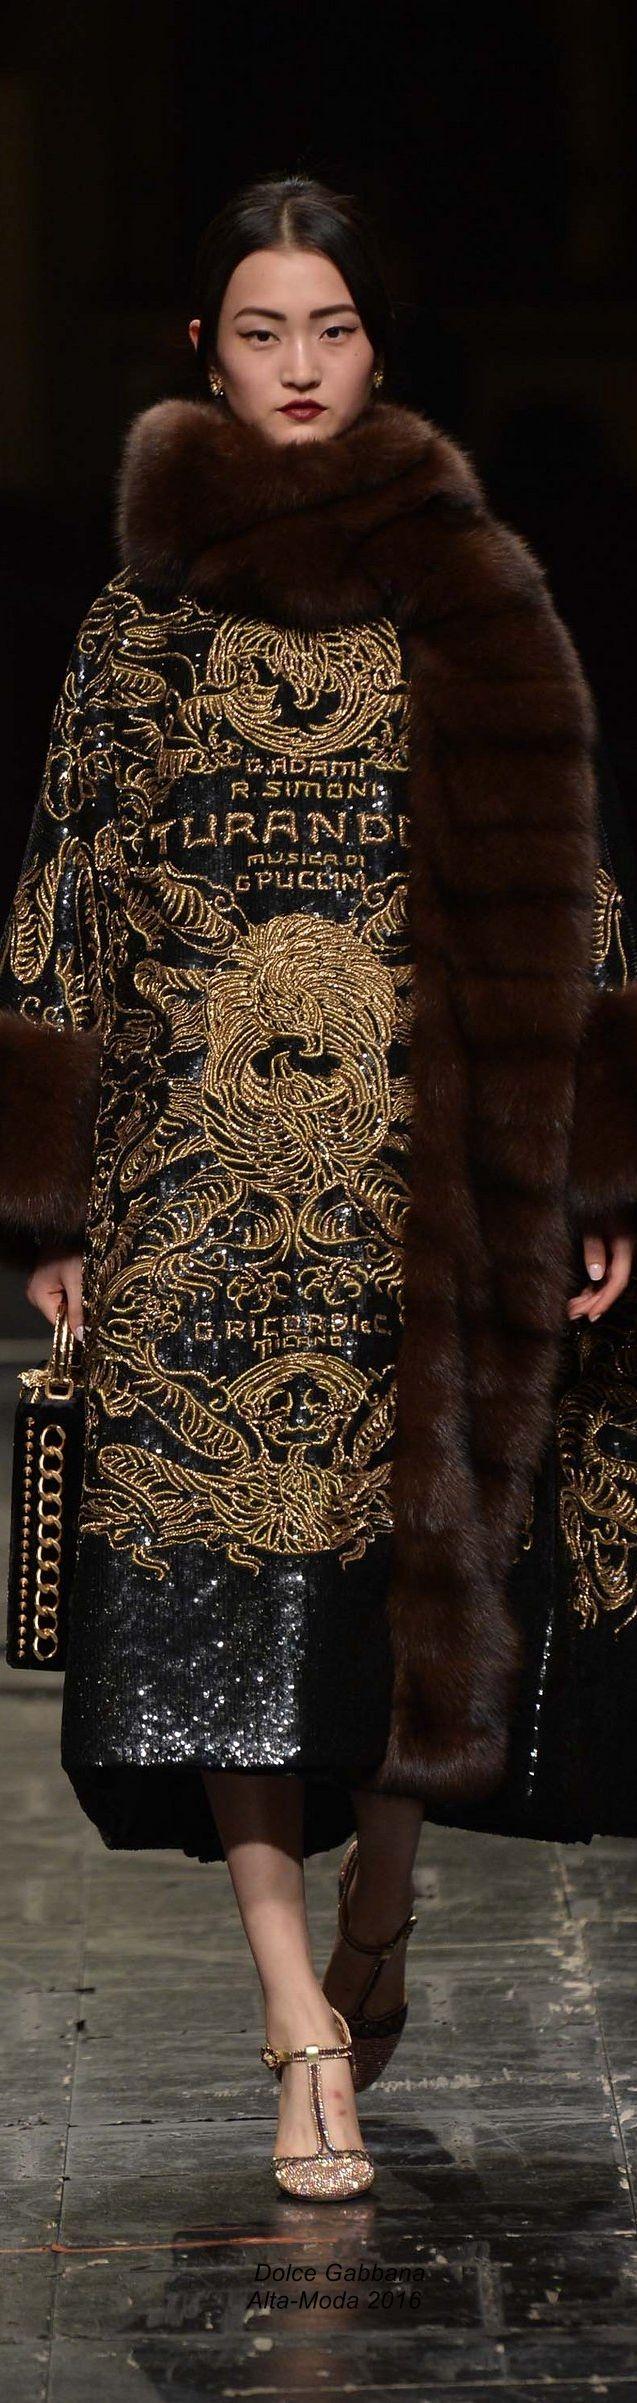 Dolce Gabbana Alta-Moda 2016